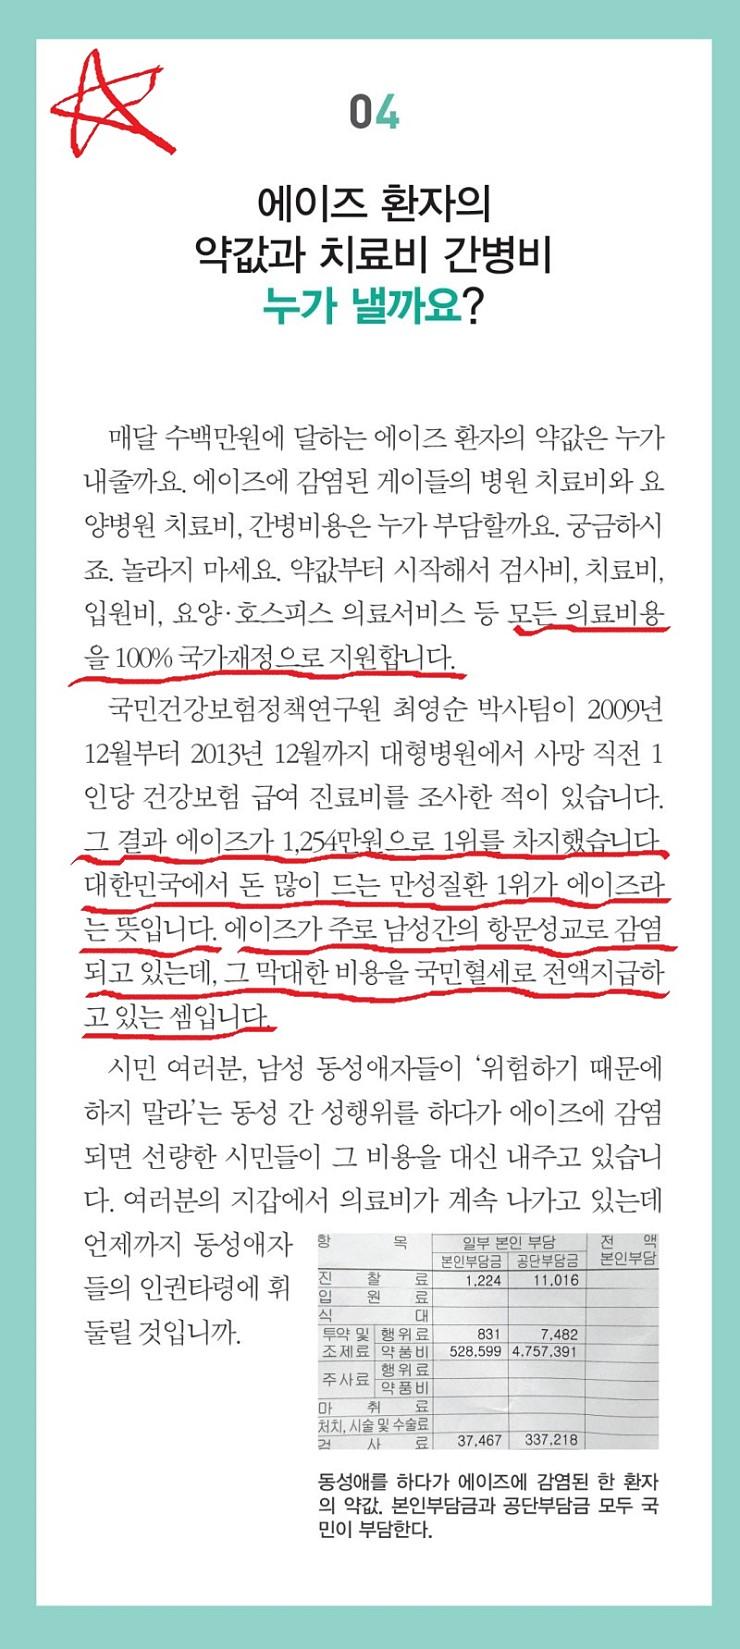 4-1_의료재정_파탄_....수정 (1).jpg